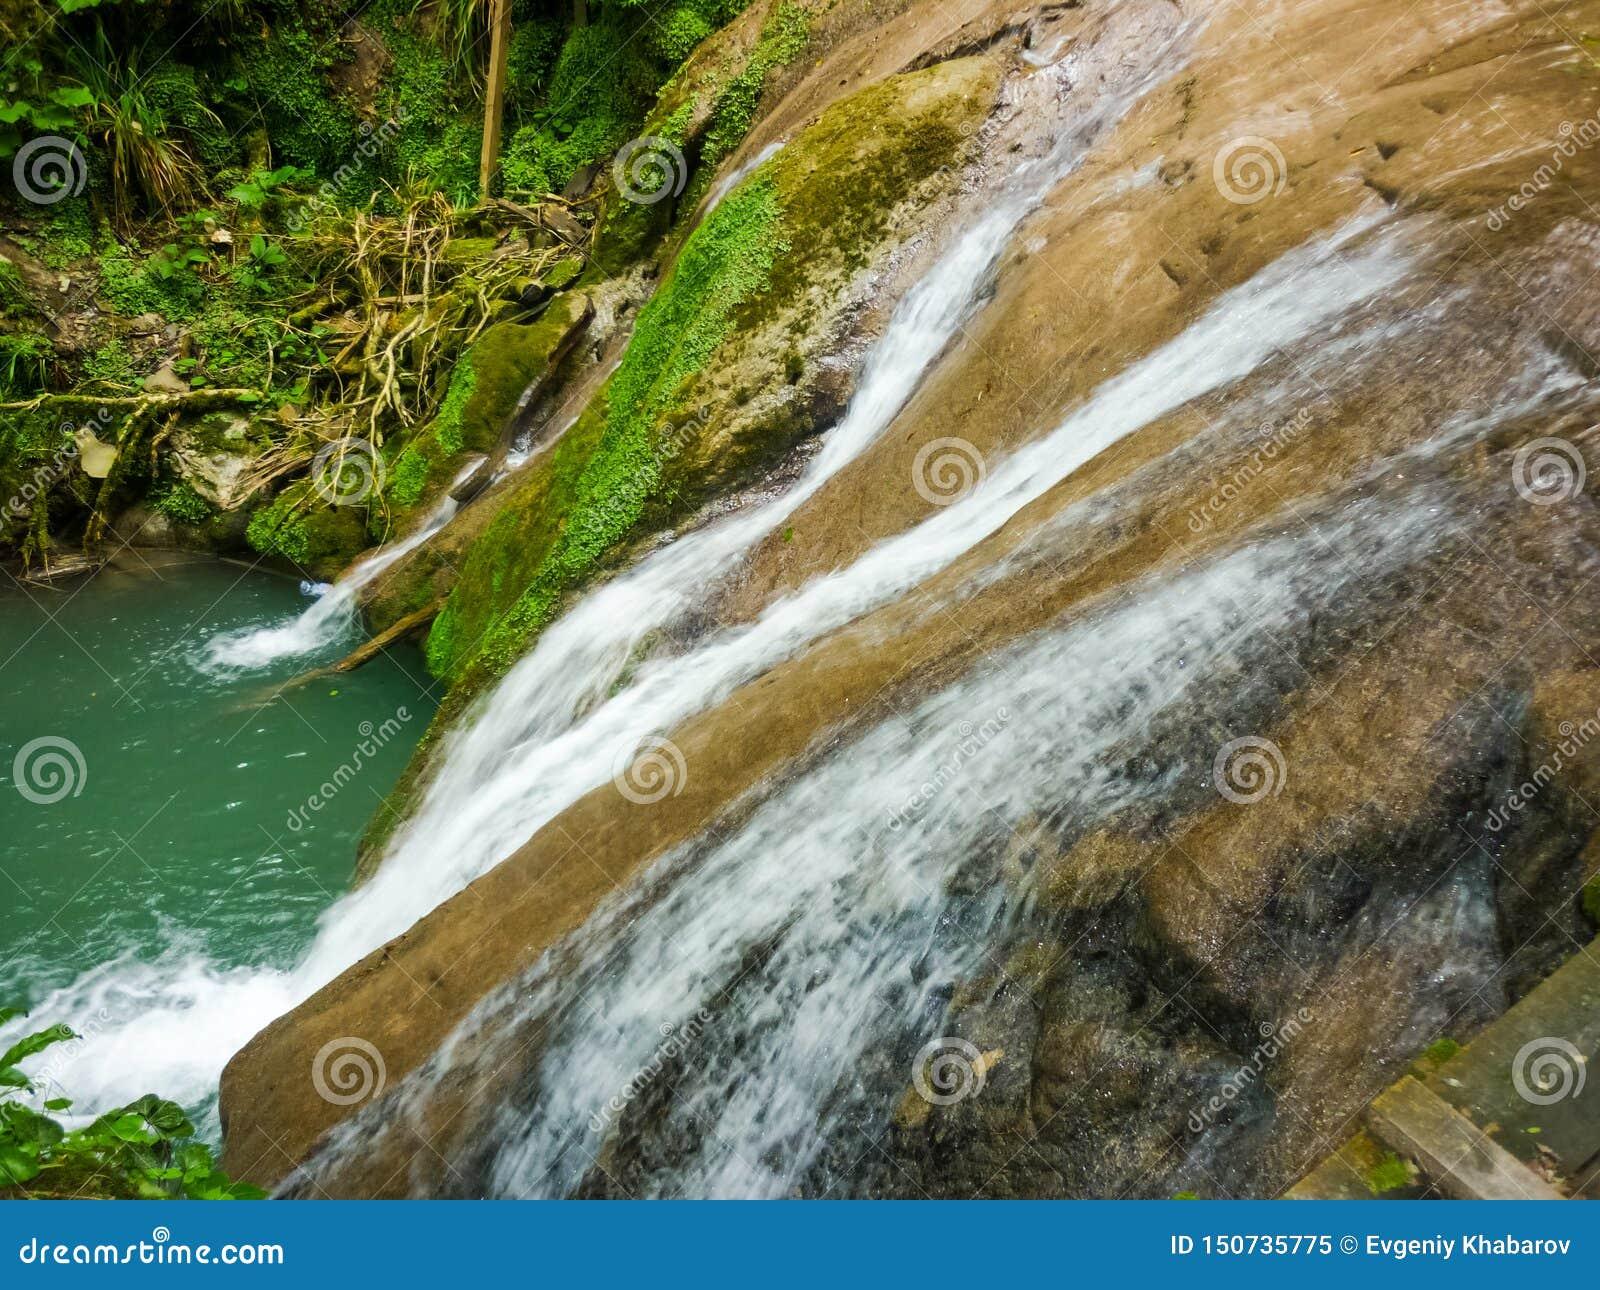 Noch schön, sogar mit verringertem Fluss in den frühen Fall, wird durch verschüttet und kaskadiert über eine moosige Kalksteinkli